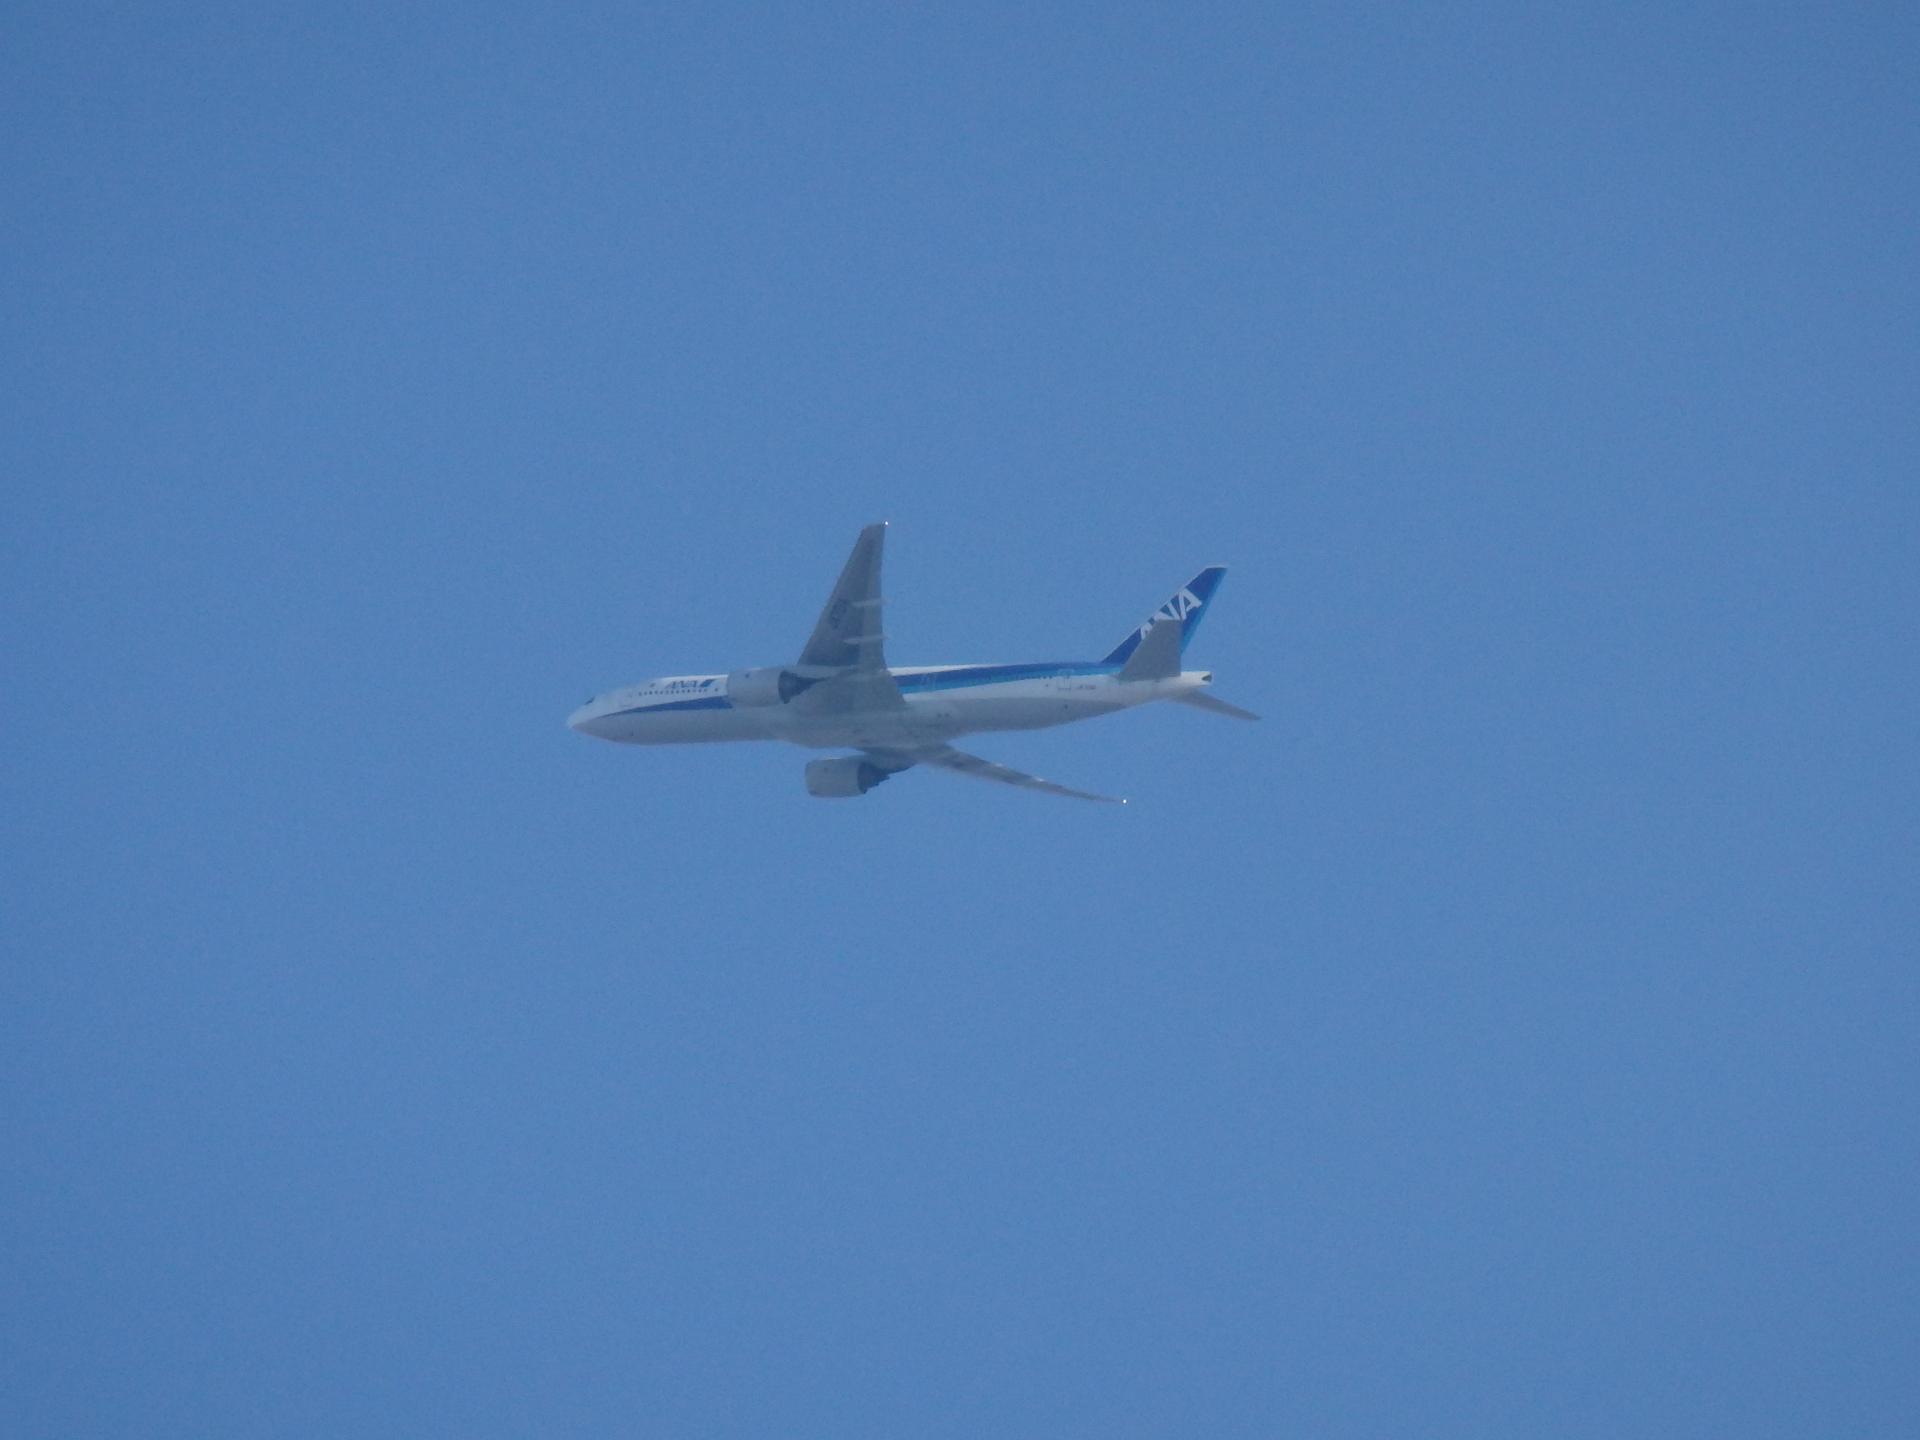 東京便と思われるANAのB777−200です。